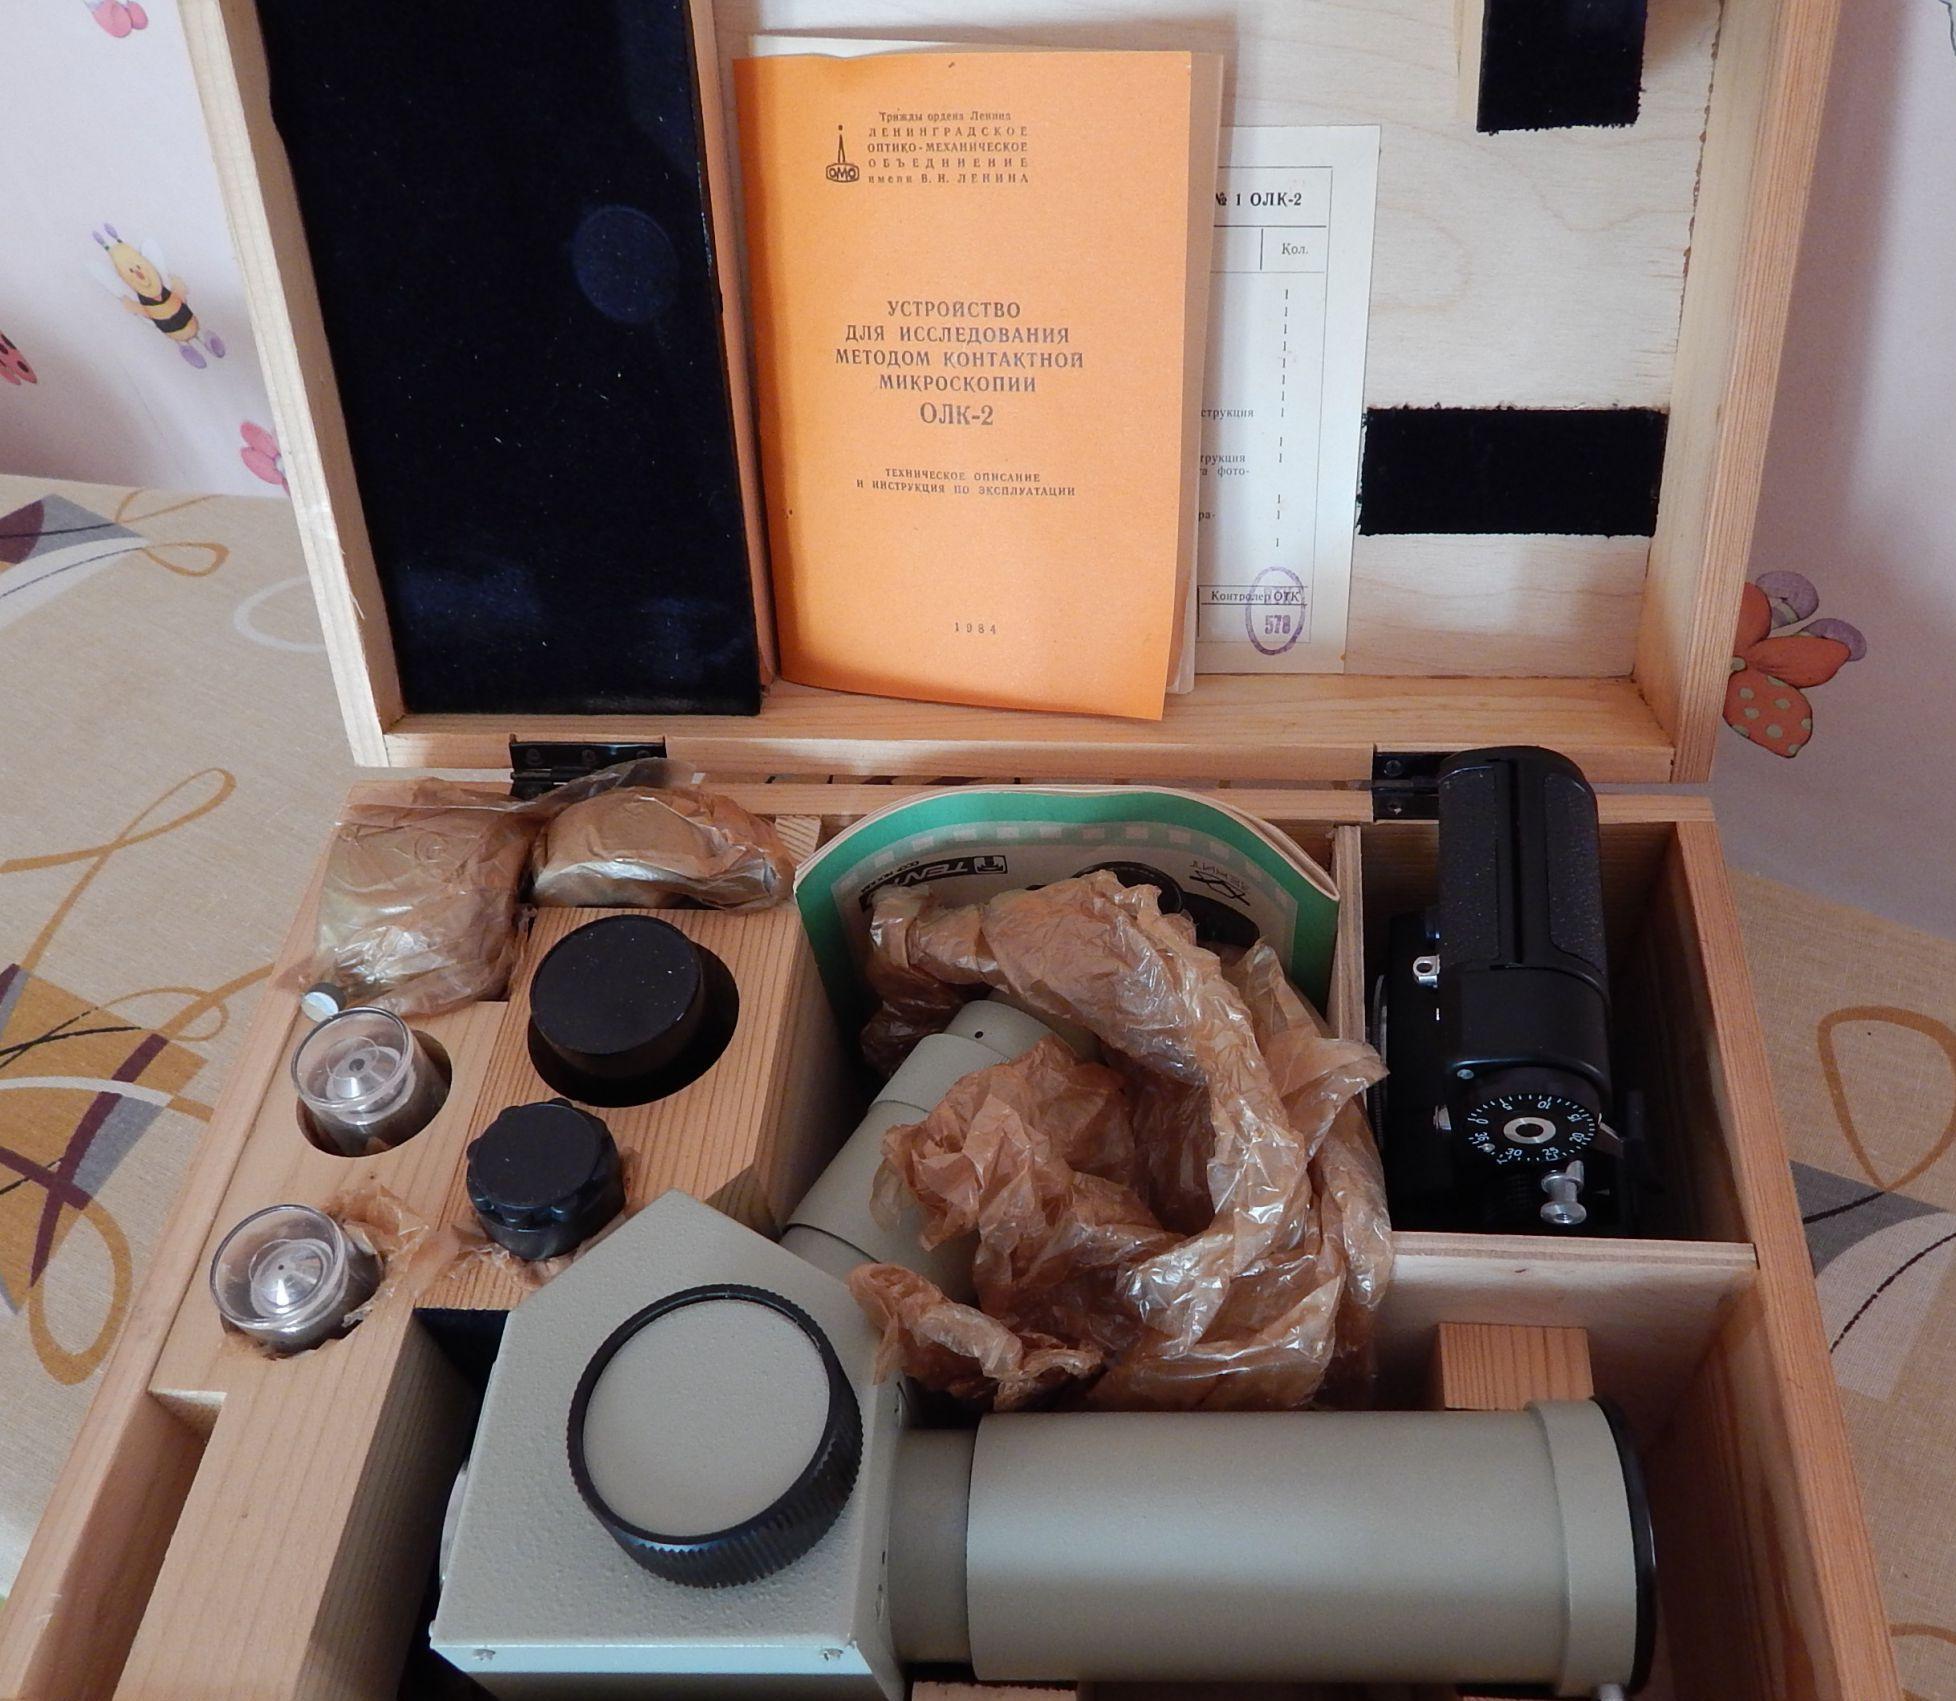 устройство для исследования методом контактной микроскопии олк-2 фото